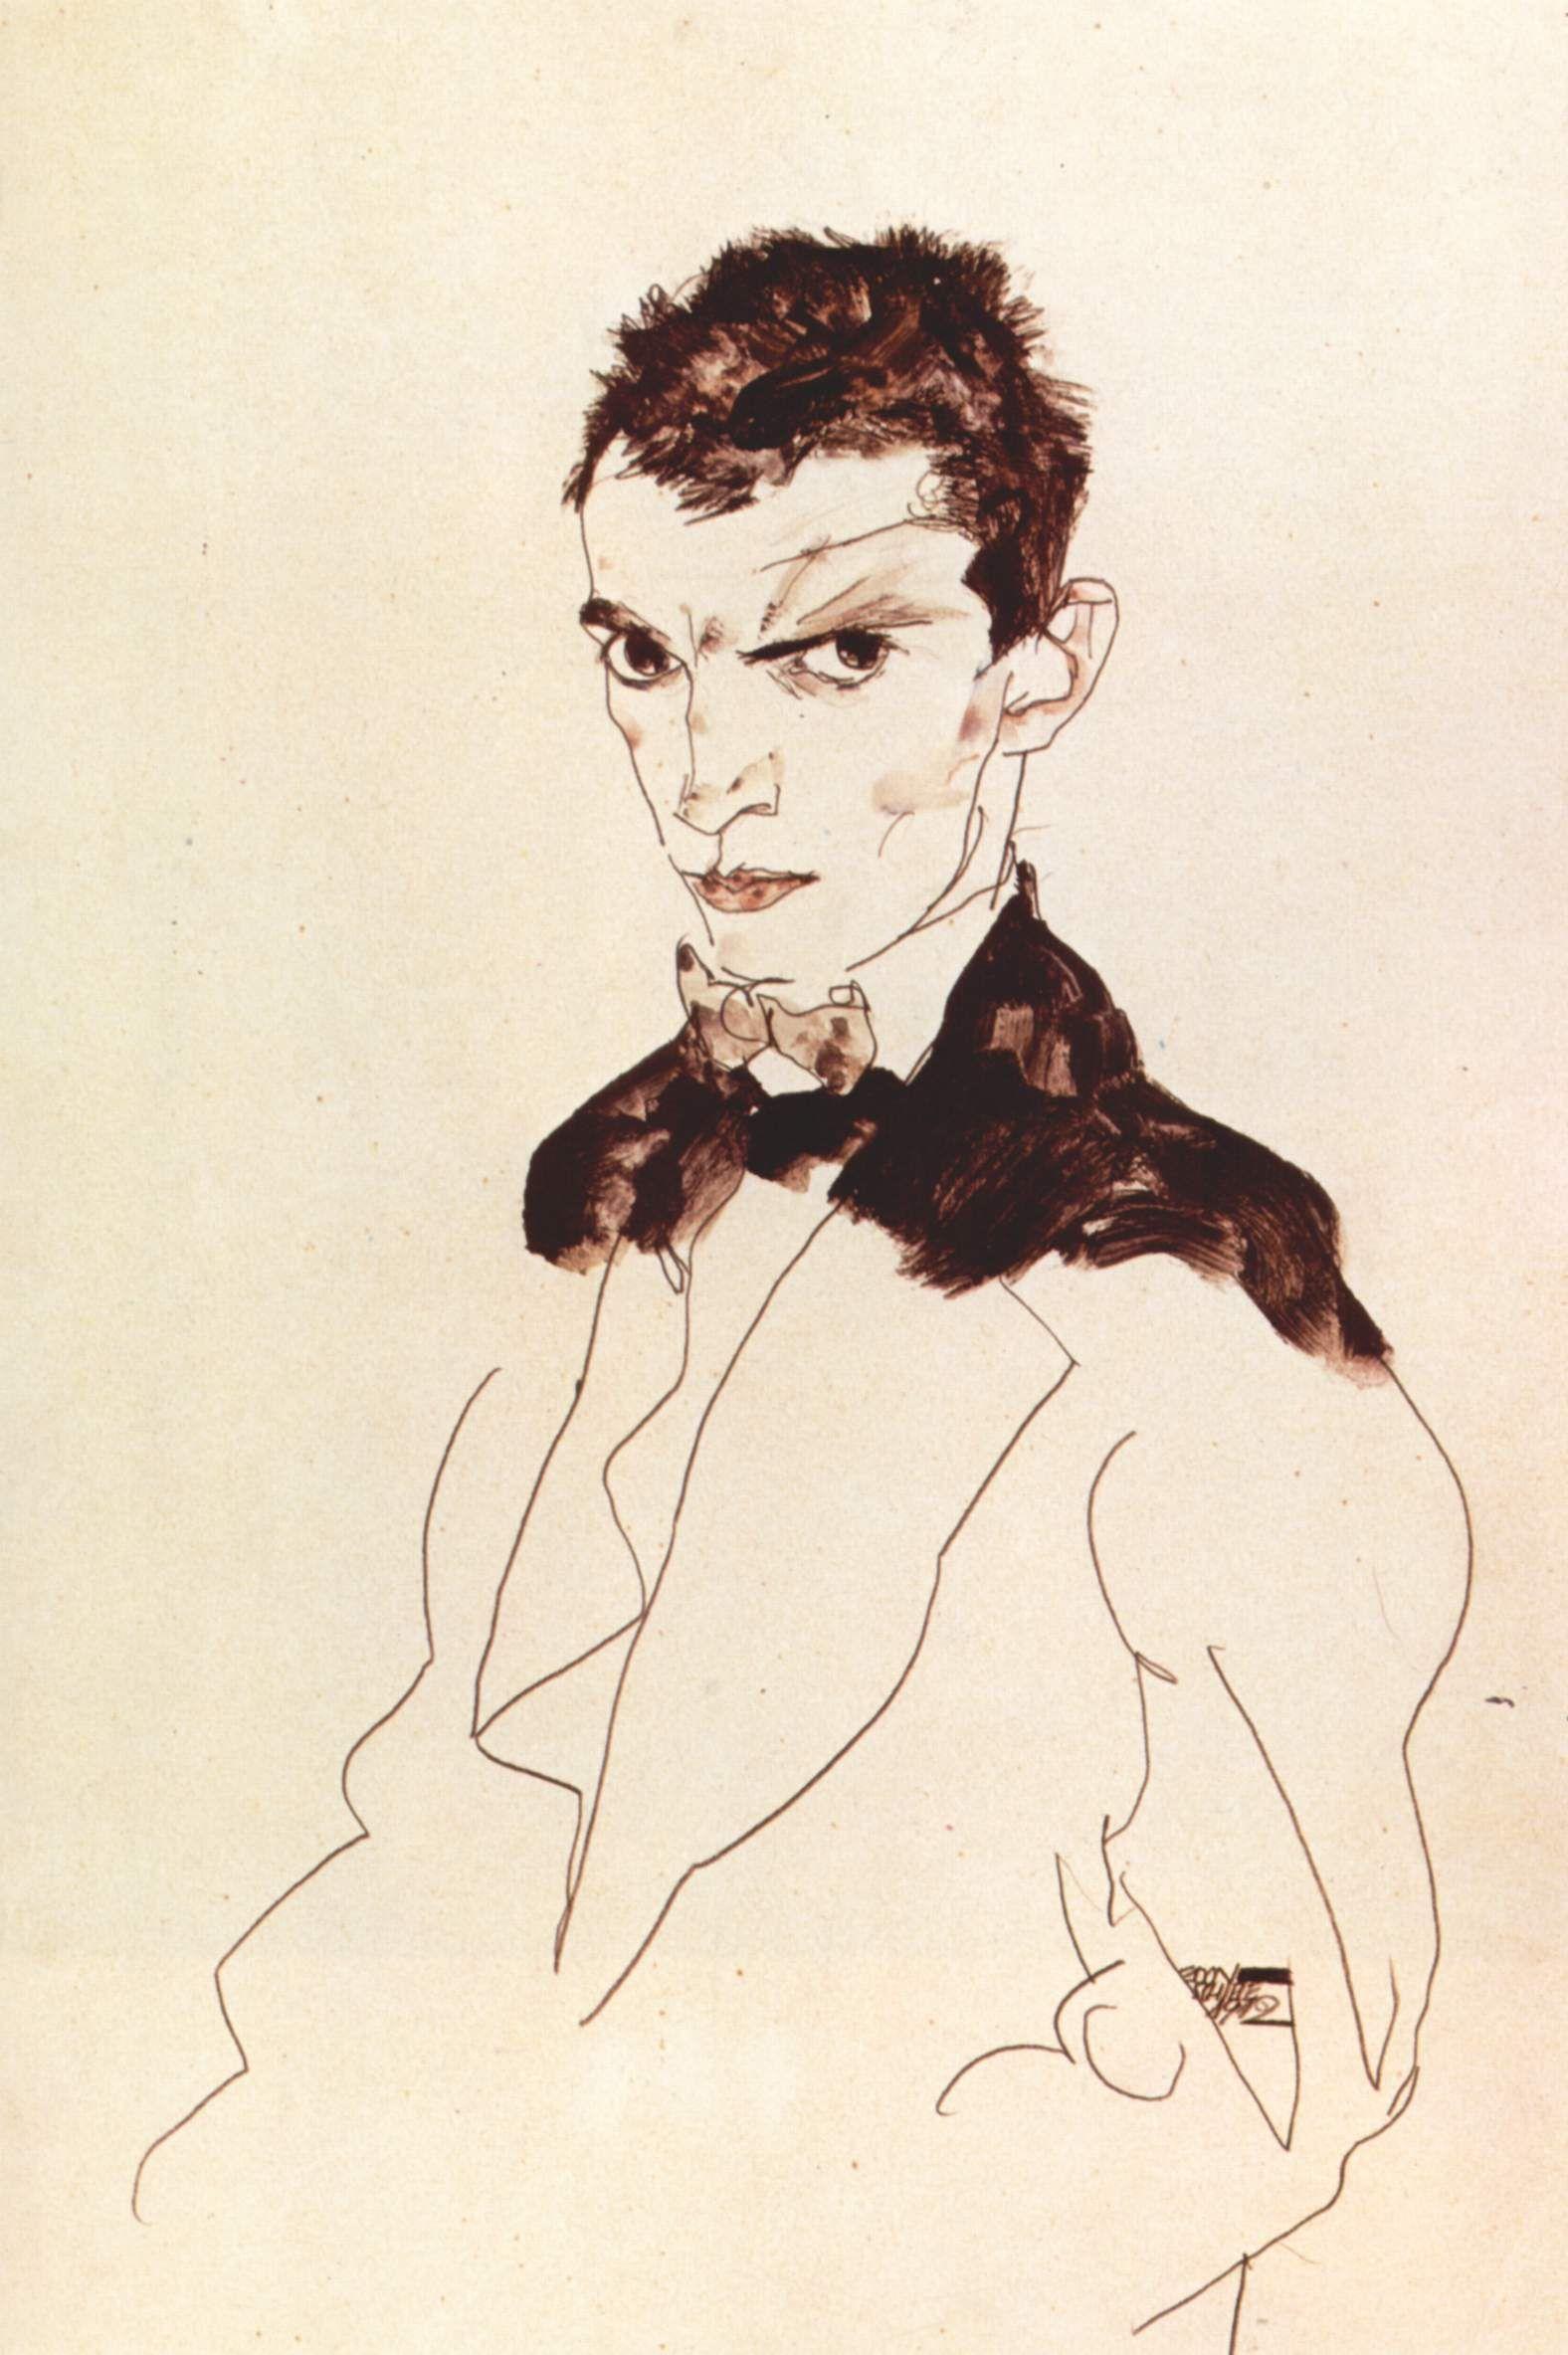 Selbstportrait, 1912 Egon Schiele